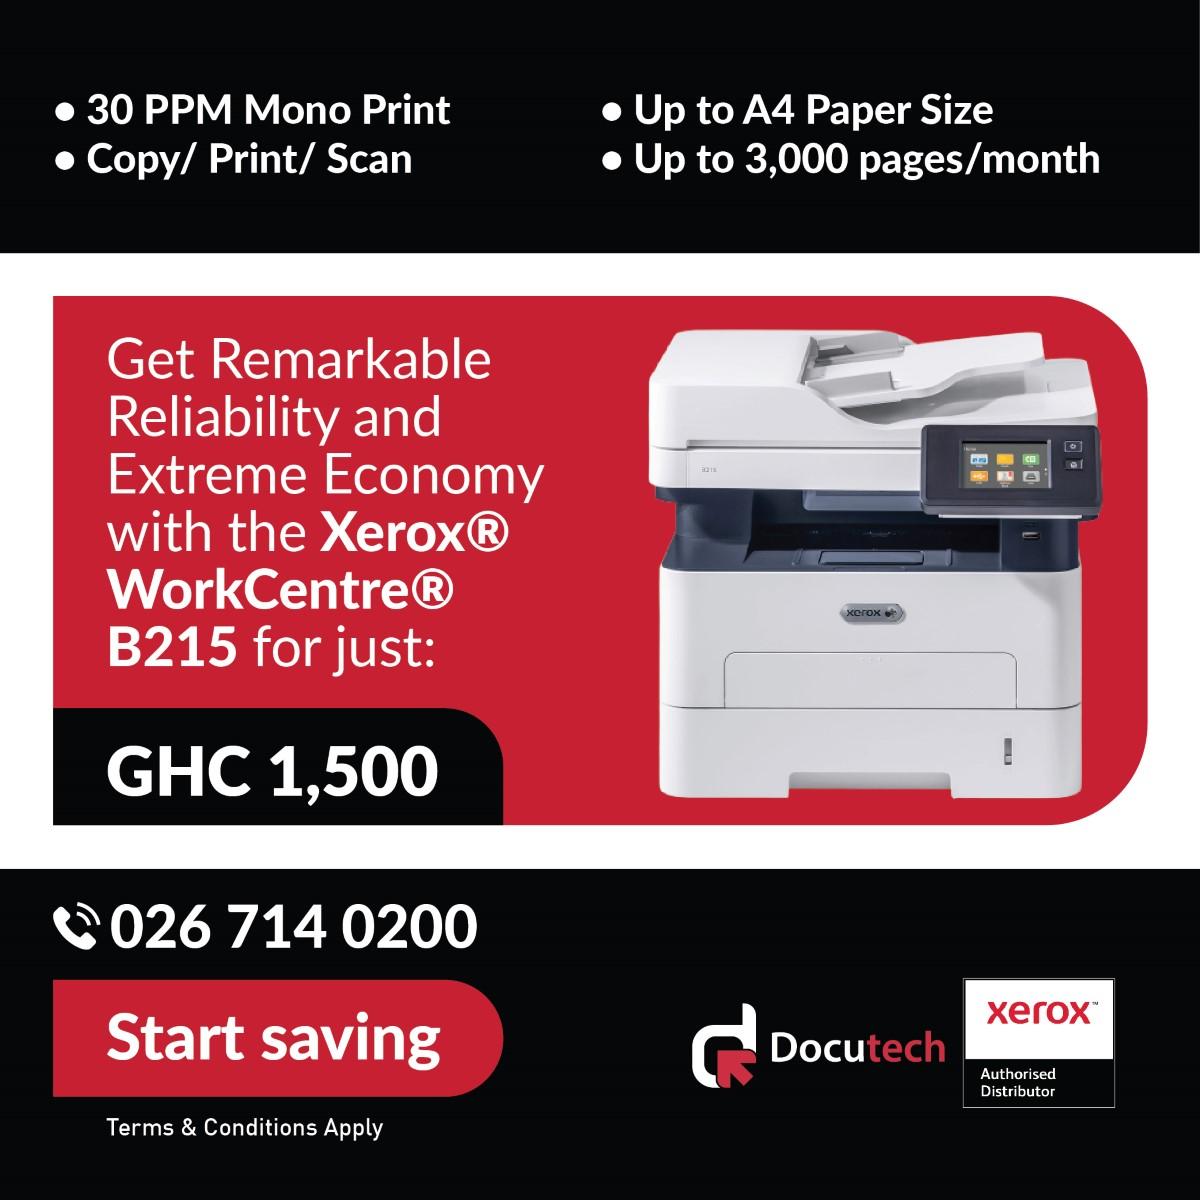 Xerox April 2021 Promo-03